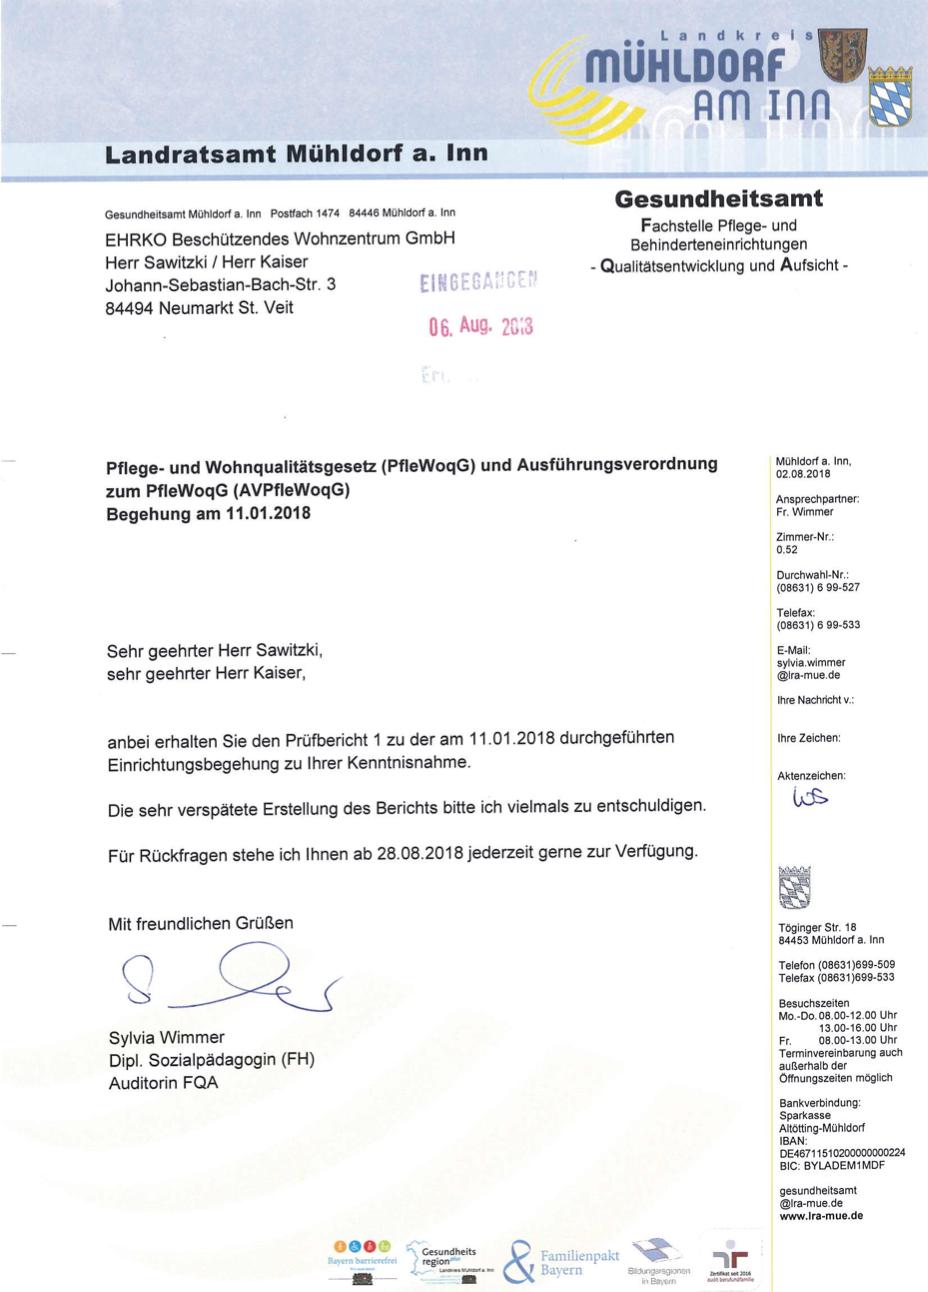 Prüfbericht WTES FQA 2018-EHRKO.png